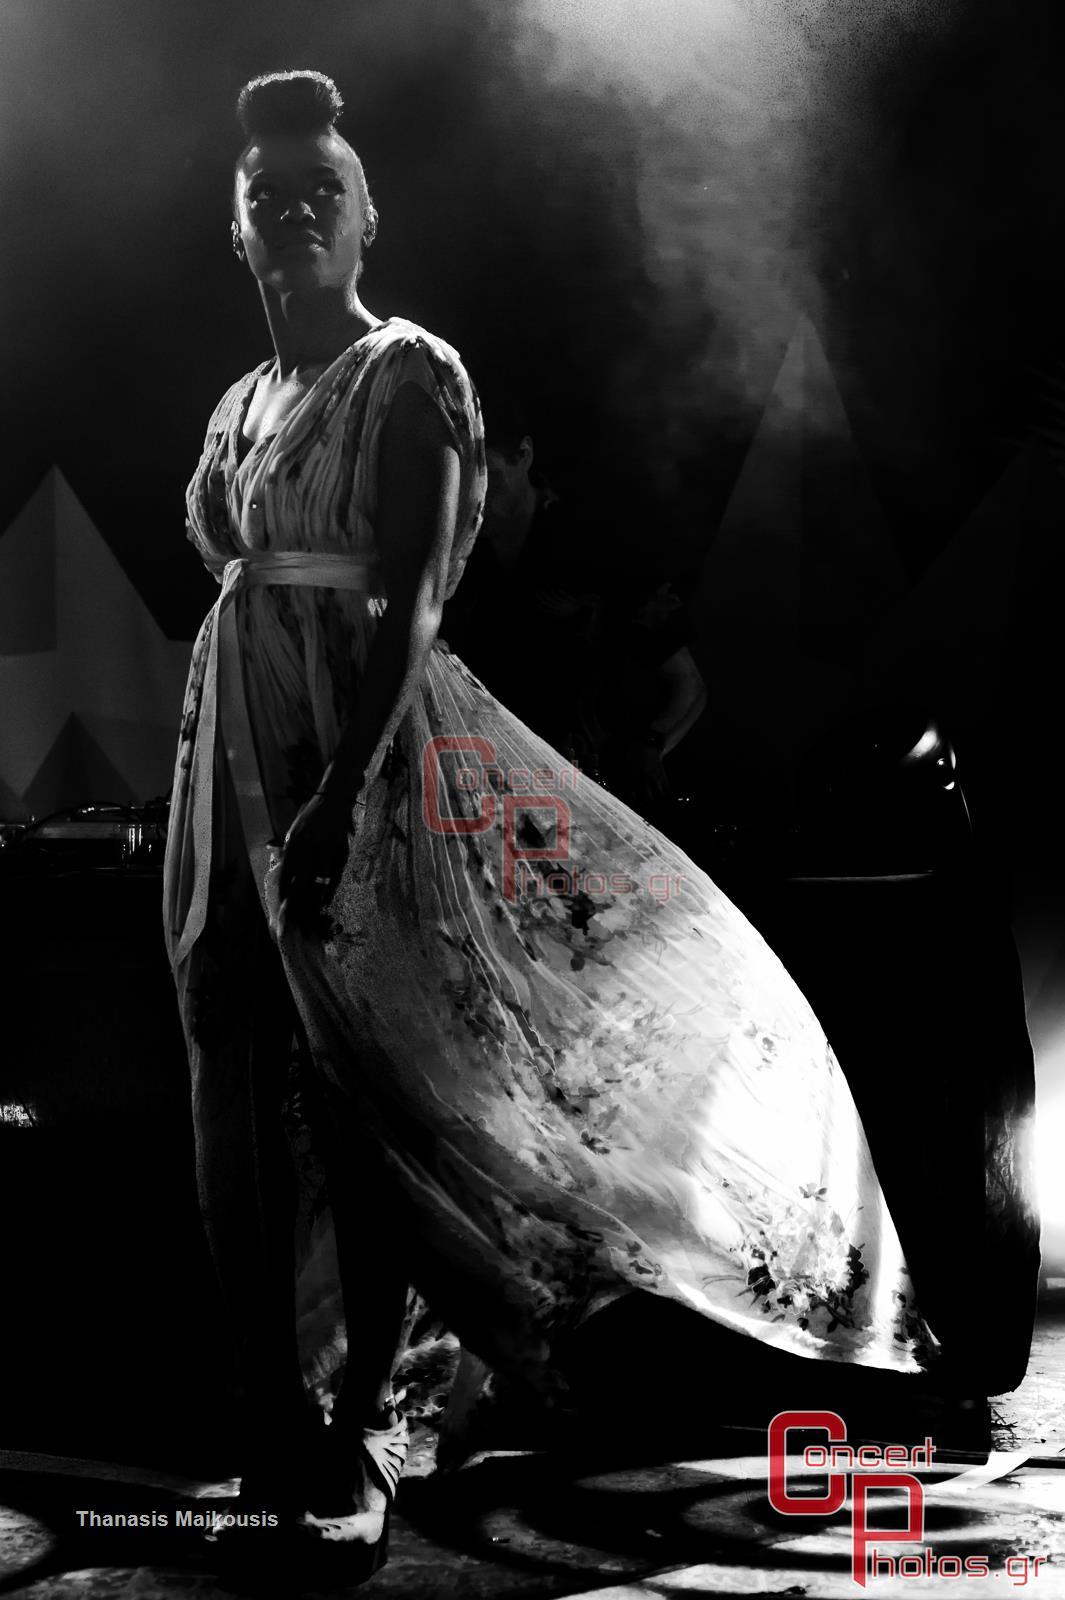 Morcheeba-Morcheeba Gagarin photographer: Thanasis Maikousis - ConcertPhotos-1459